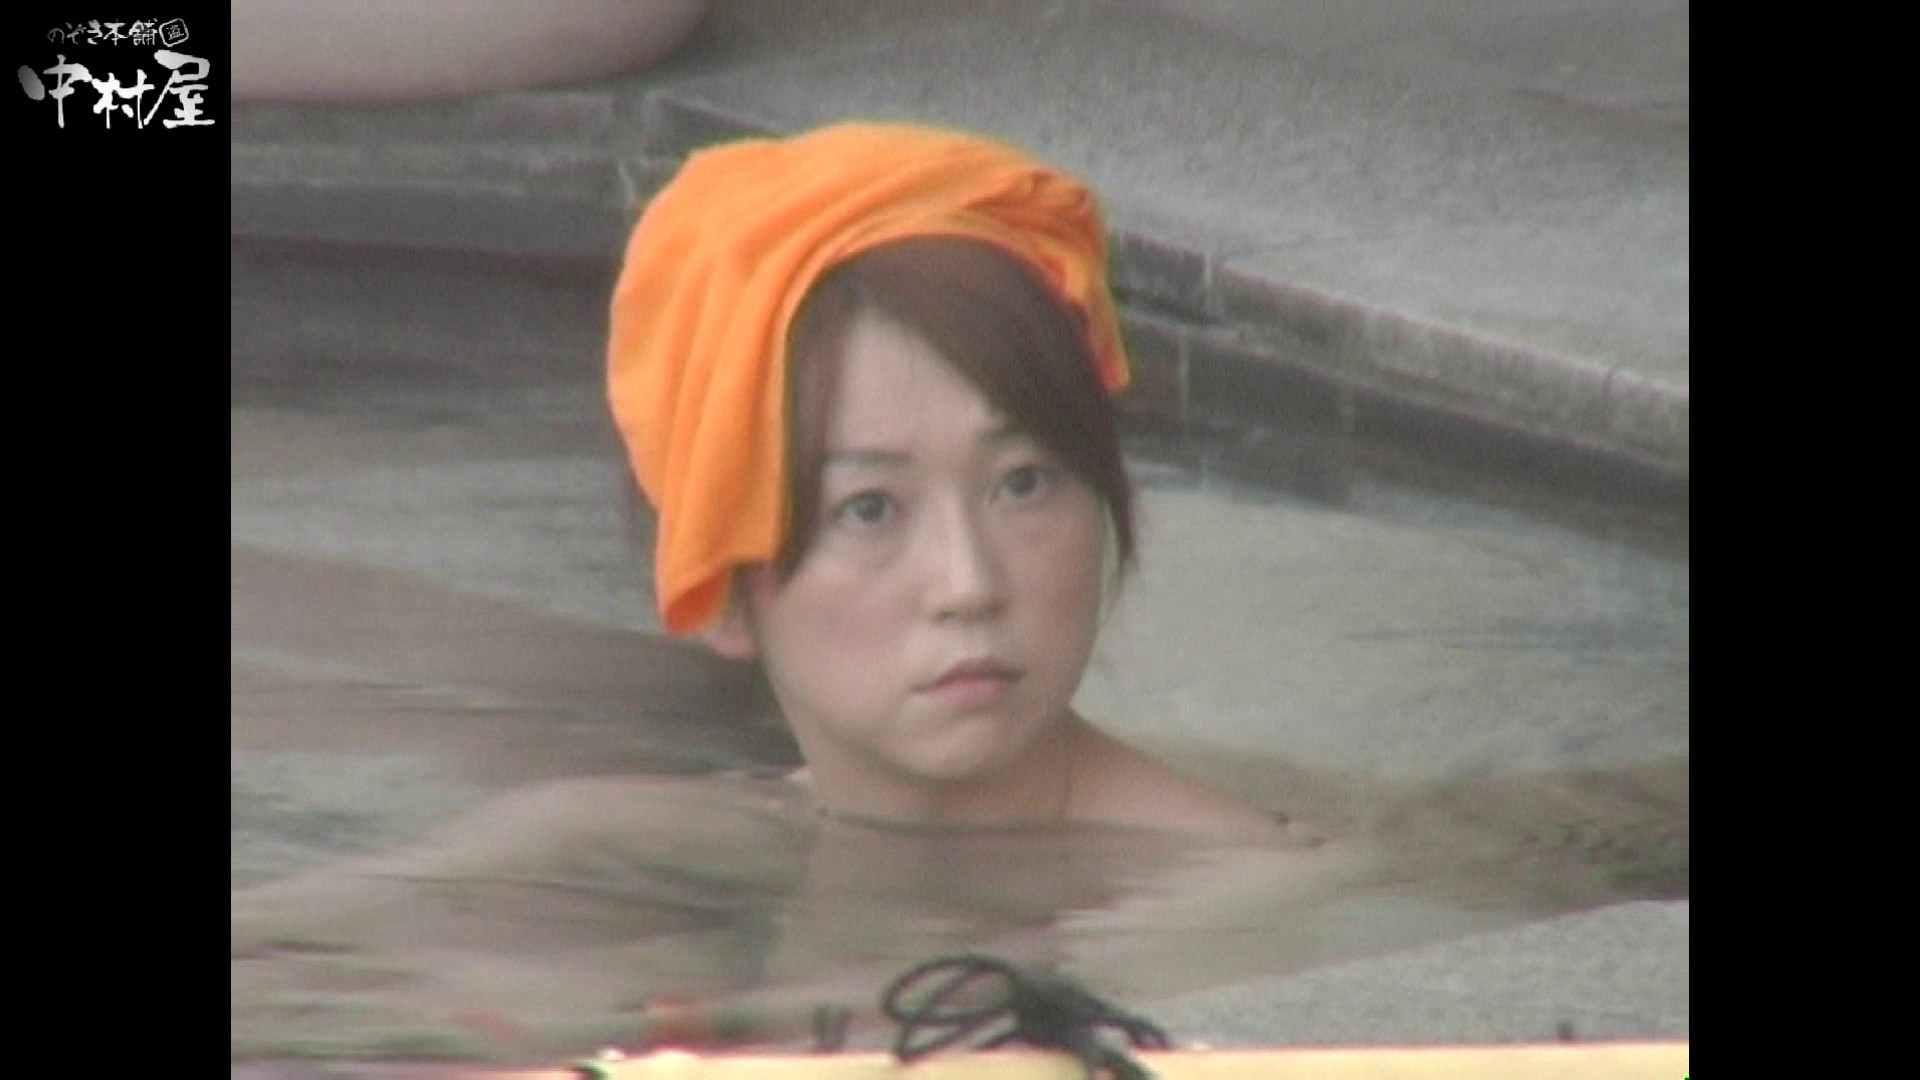 Aquaな露天風呂Vol.941 OLのエロ生活 アダルト動画キャプチャ 107連発 56